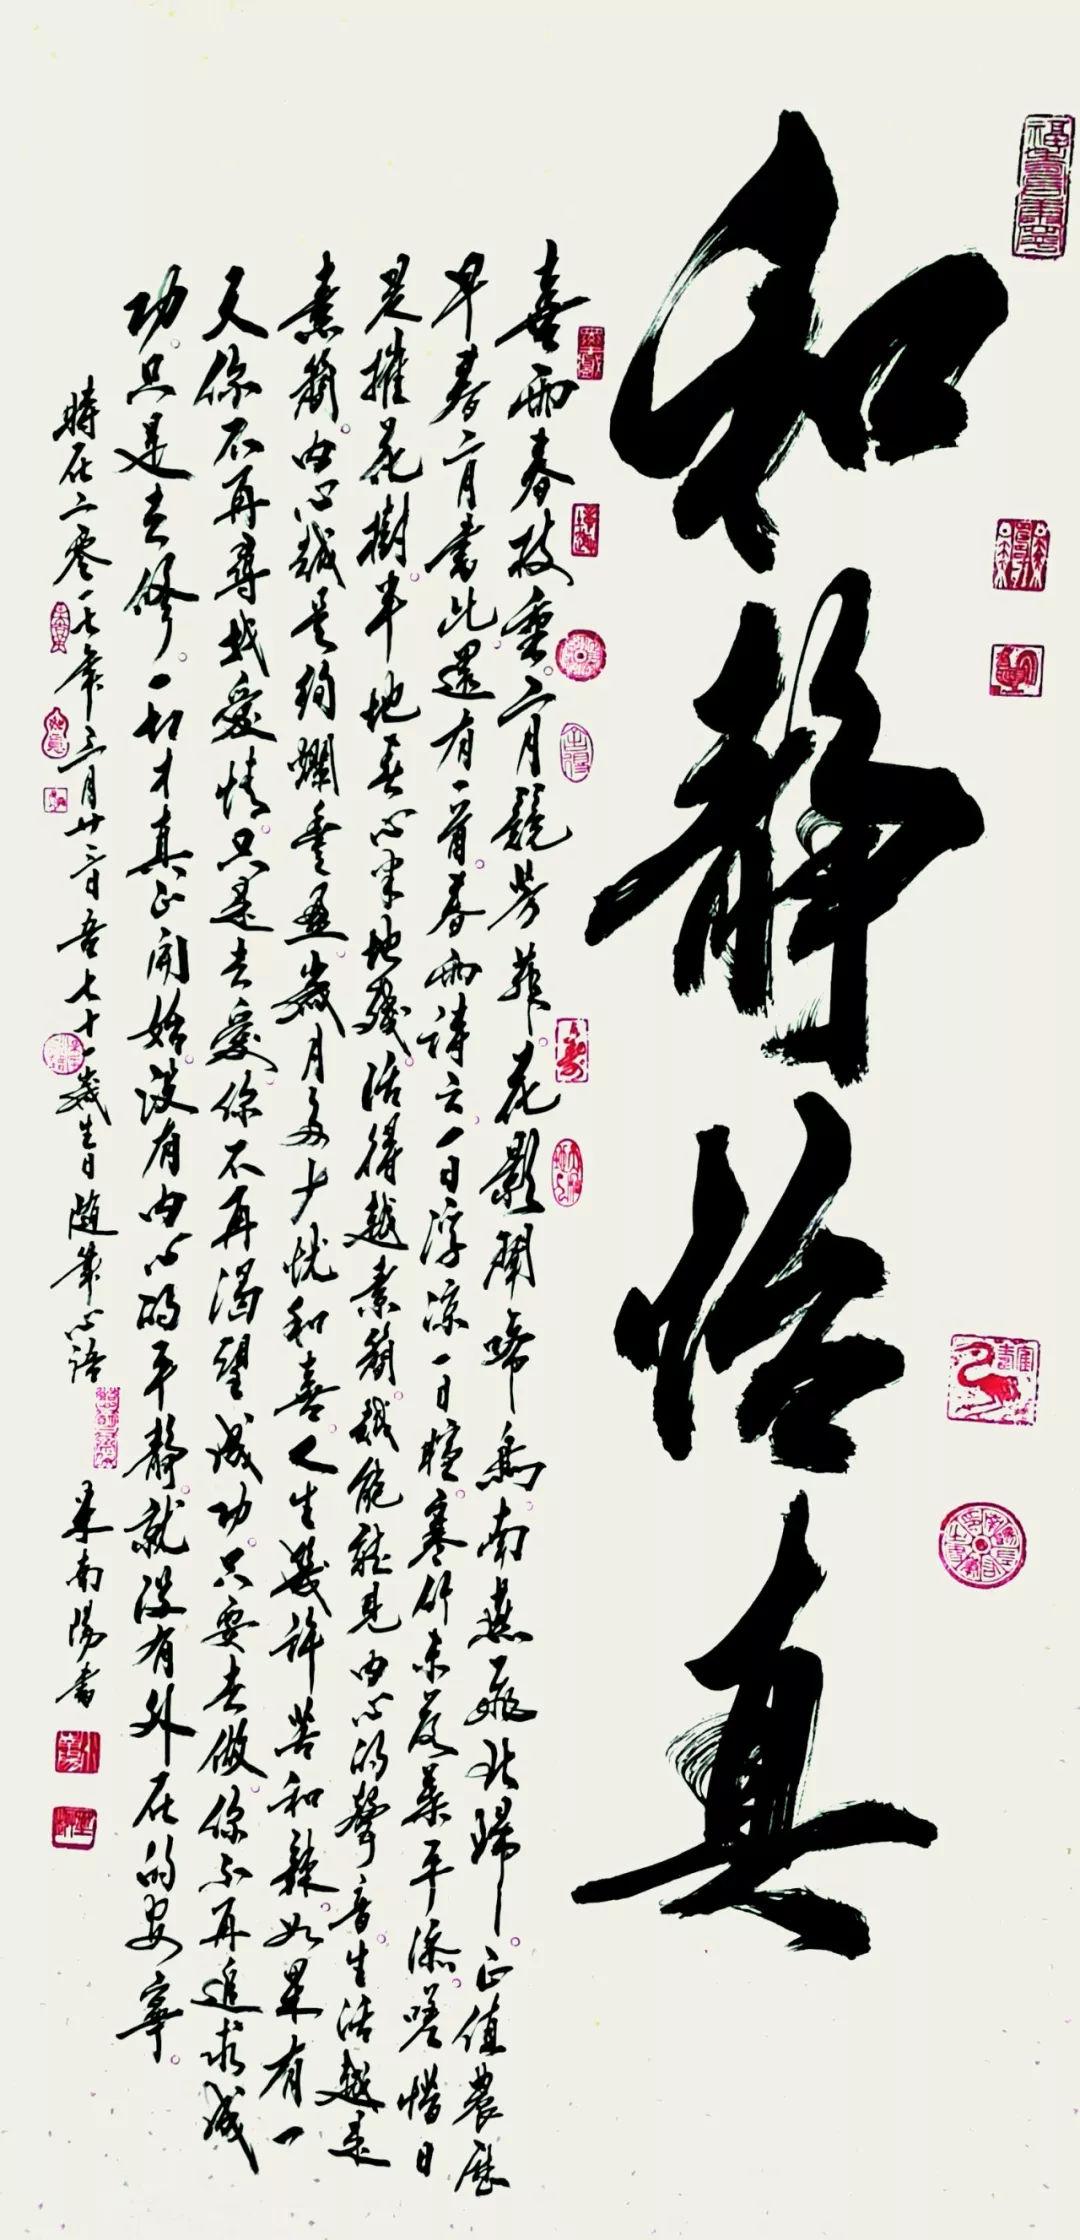 笔墨情趣——米南阳书法艺术品鉴图片